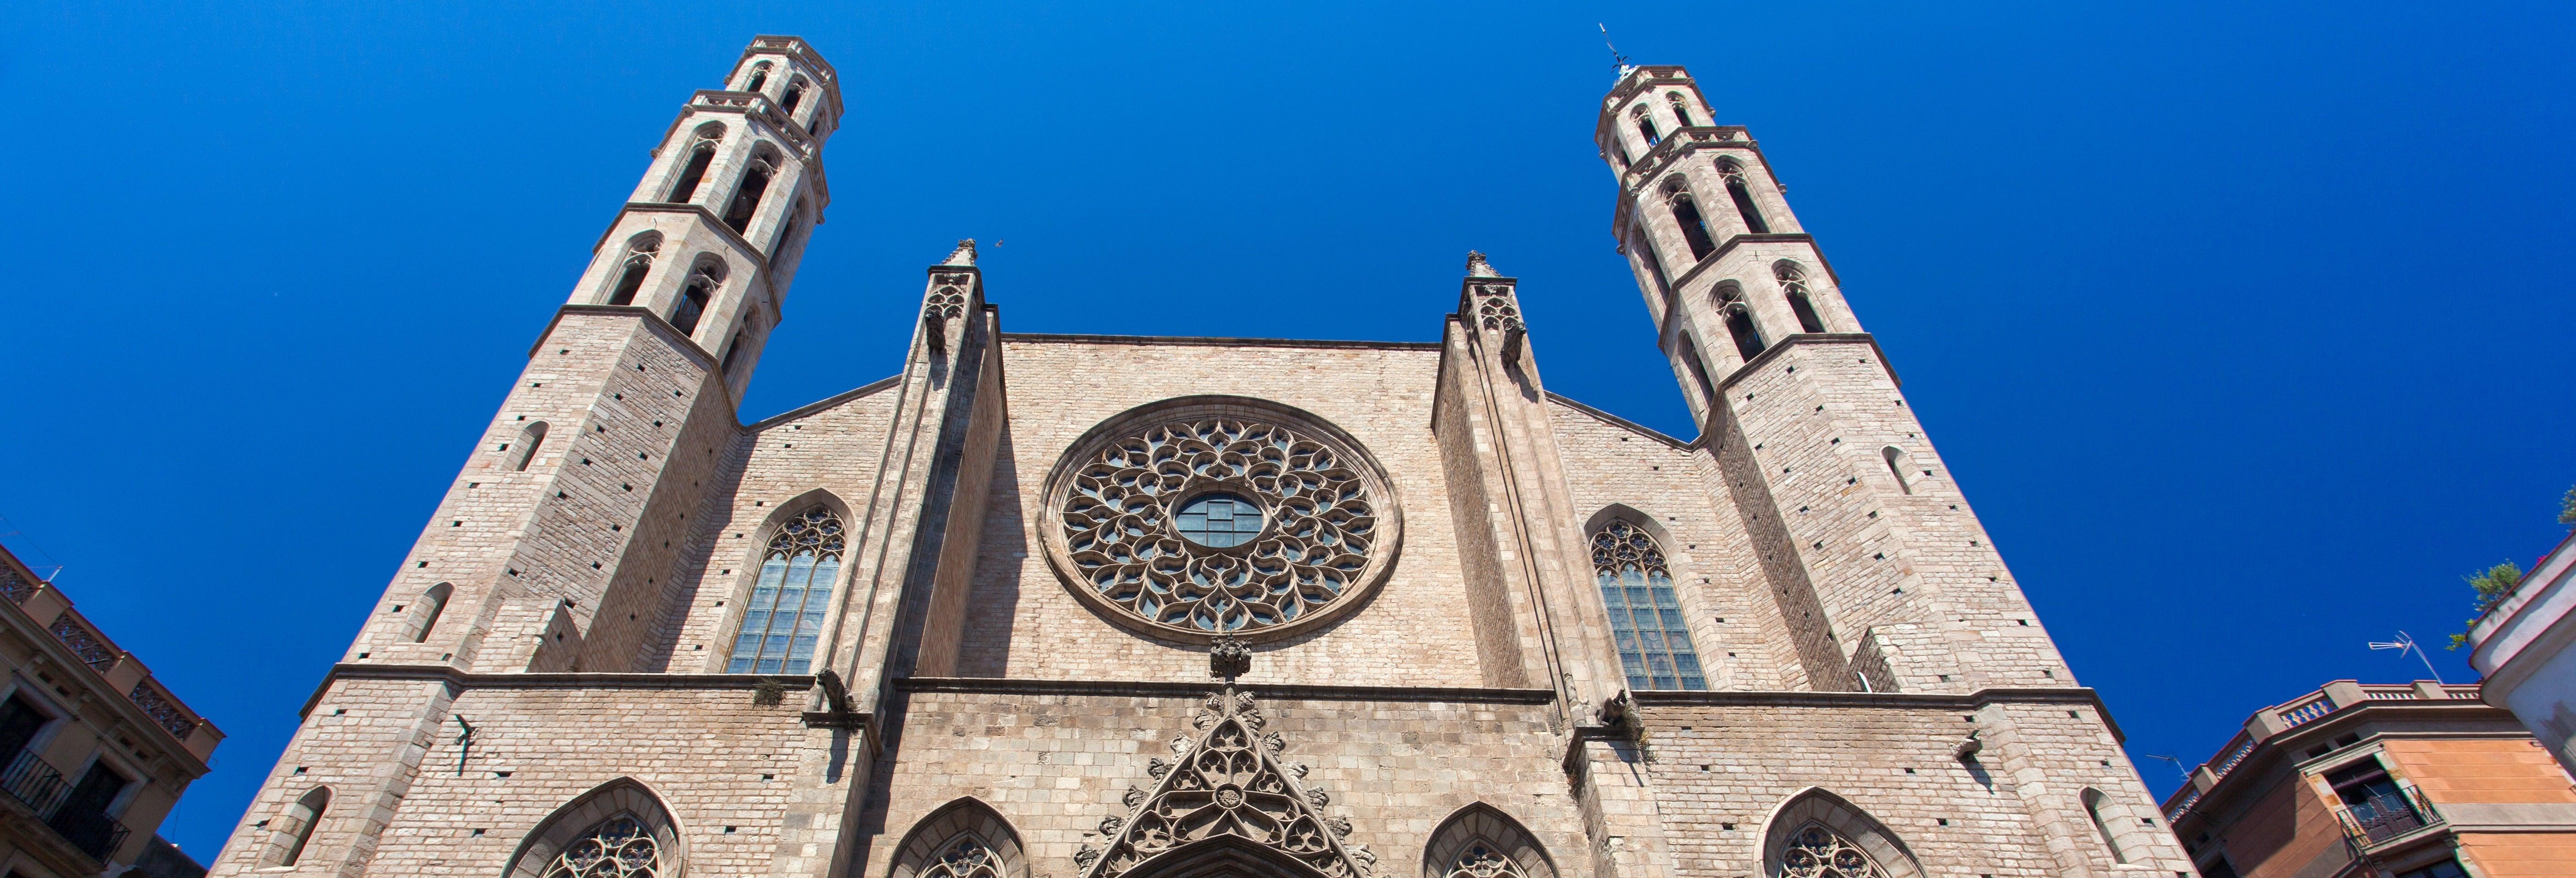 Visite guidée dans le quartier gothique de Barcelone